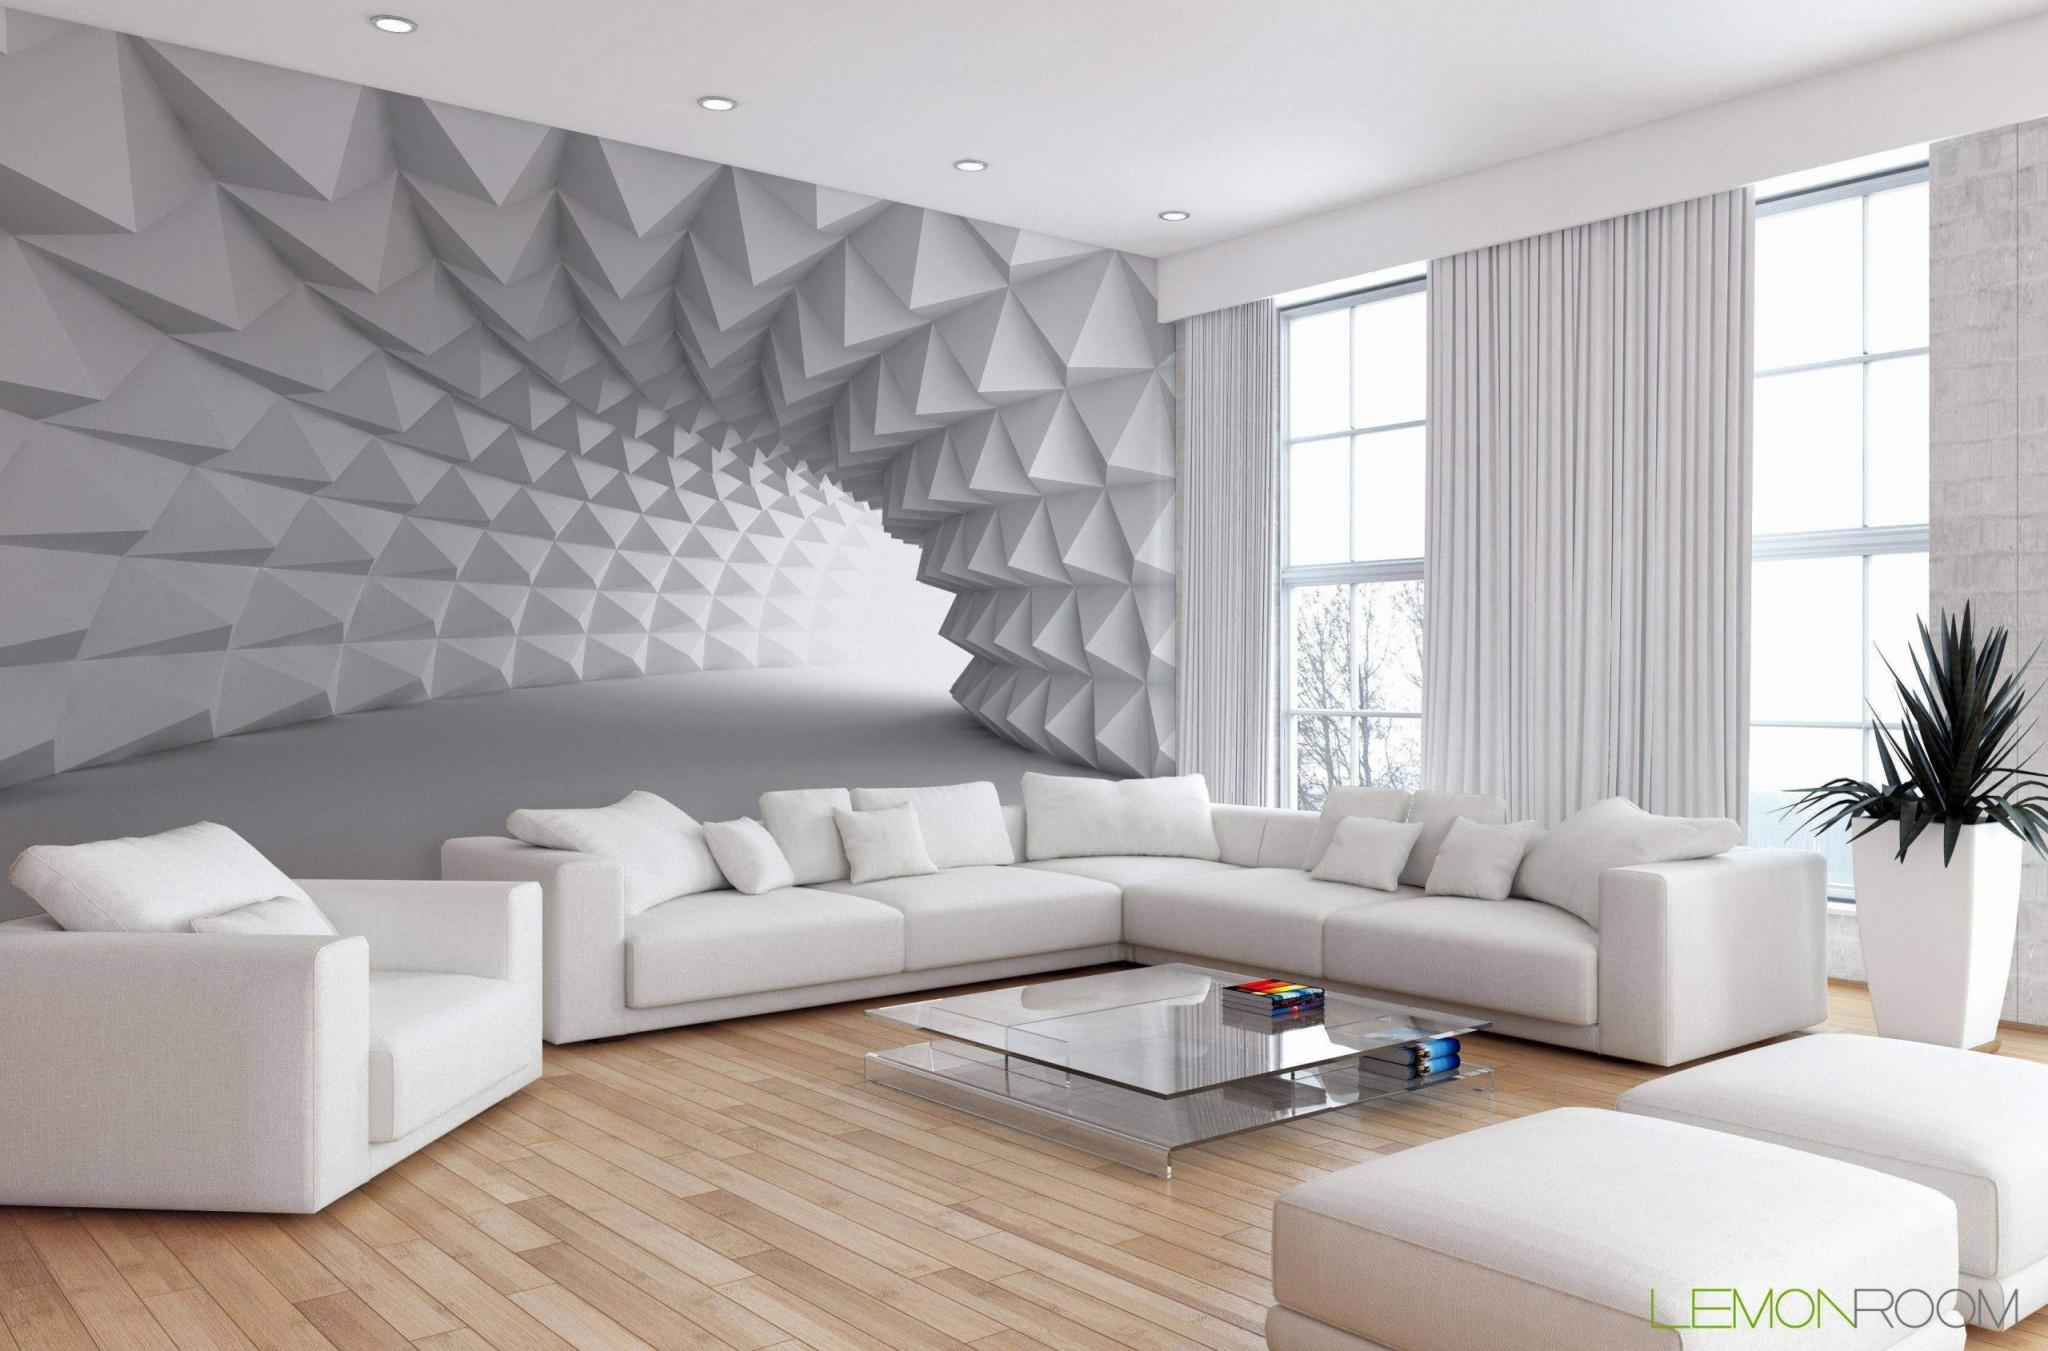 26 Luxus Tapeten Ideen Wohnzimmer Grau Elegant  Wohnzimmer von Luxus Tapeten Wohnzimmer Bild